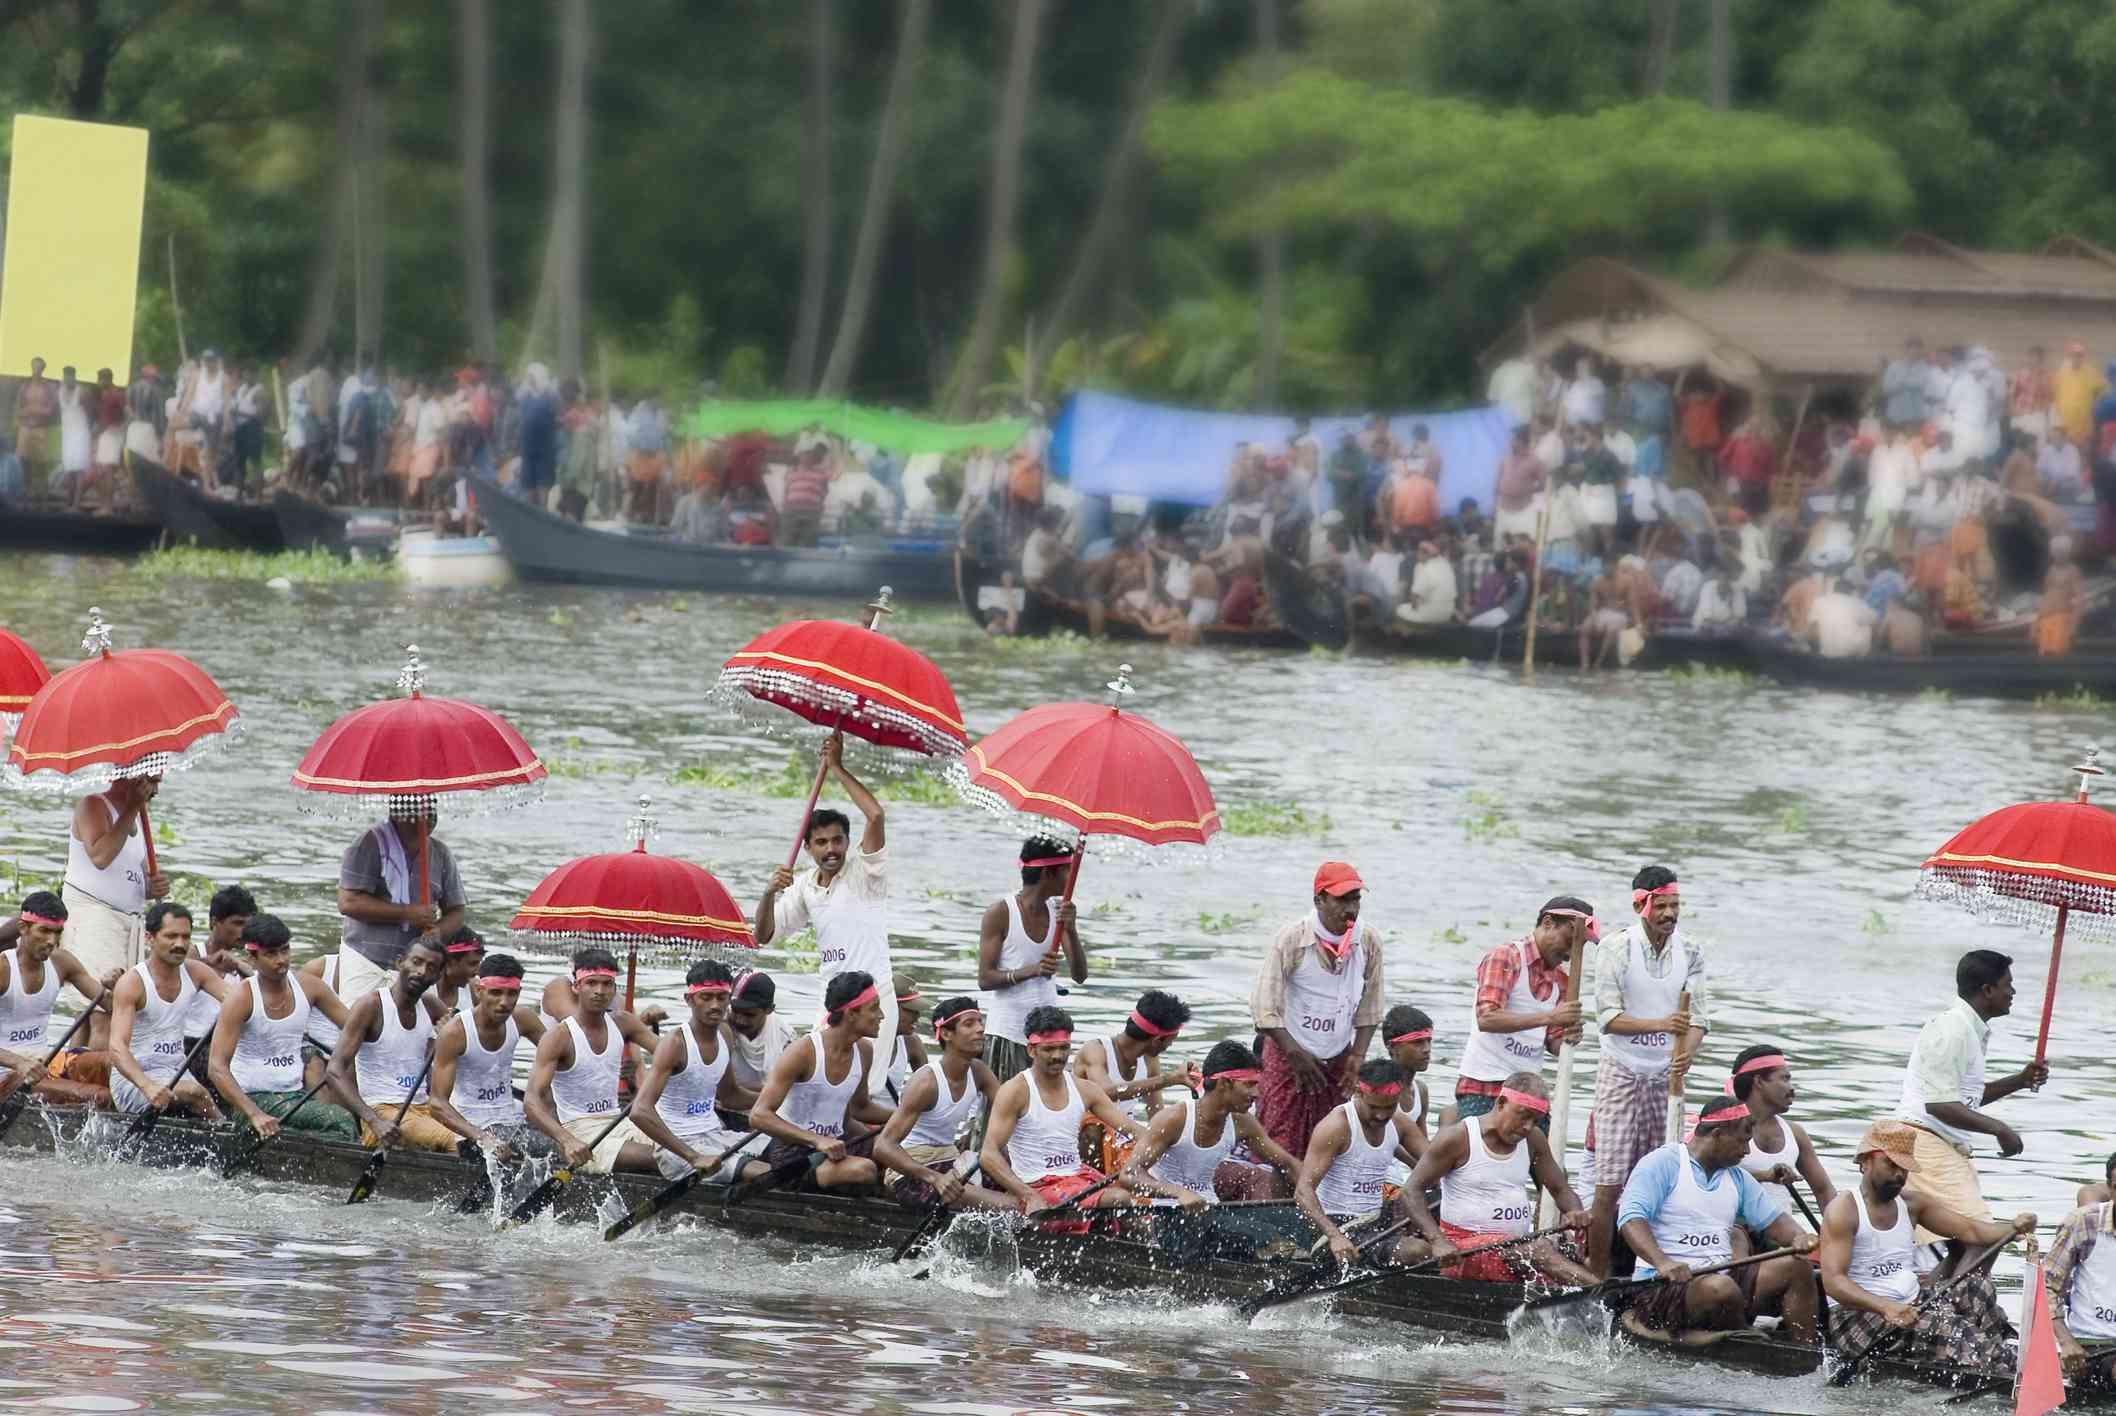 Grupo de personas que participan en una carrera de botes de serpiente, Kerala, India